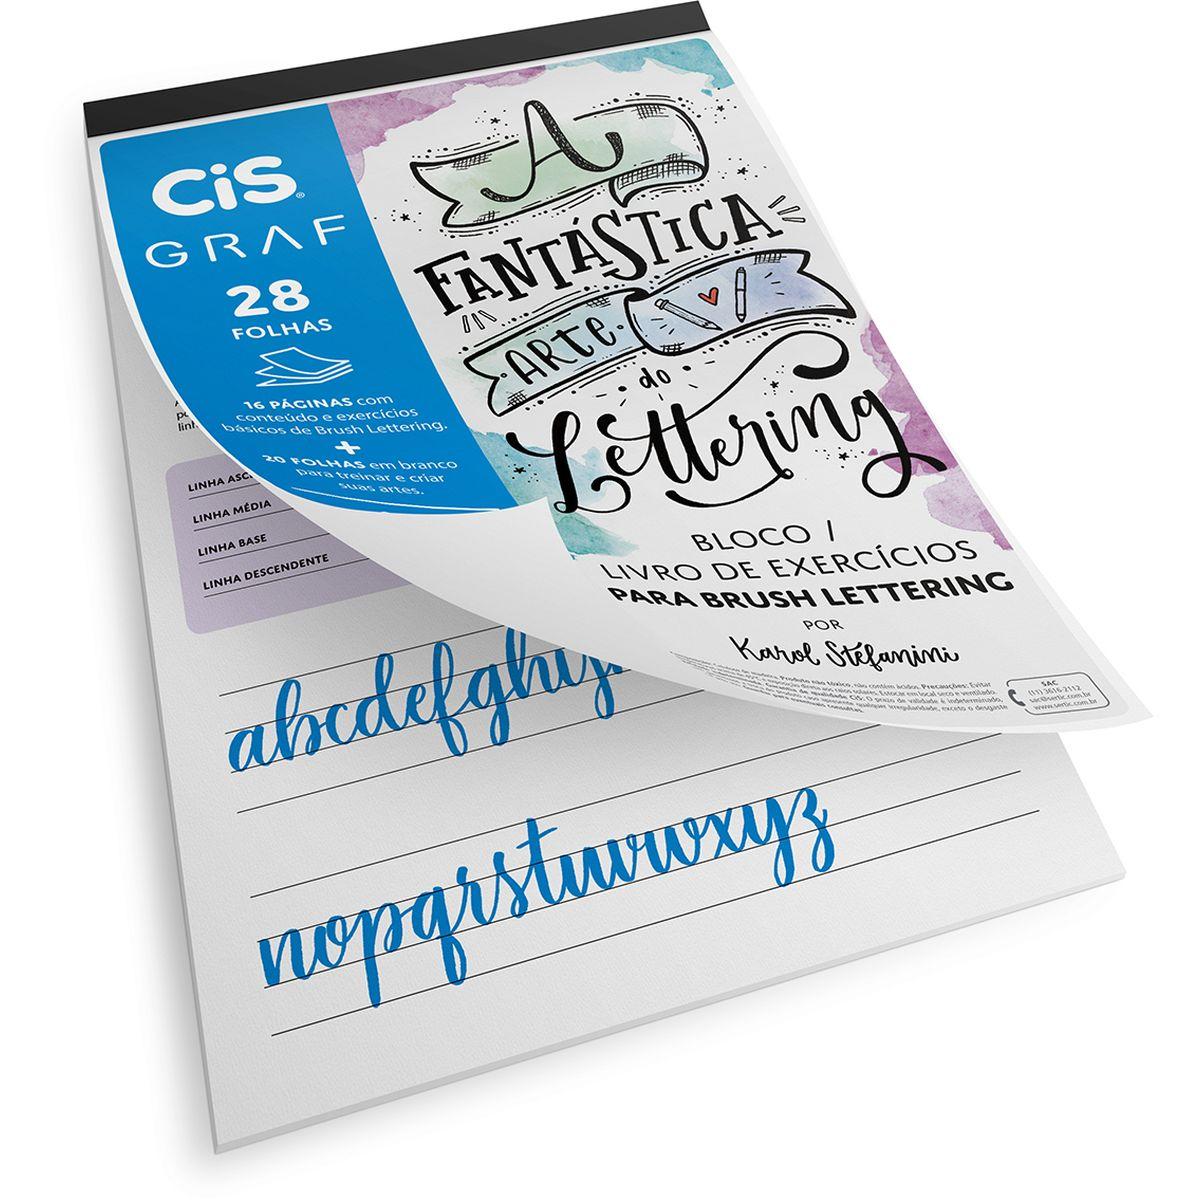 Kit para Brush Lettering Cis Graf com 9 Peças